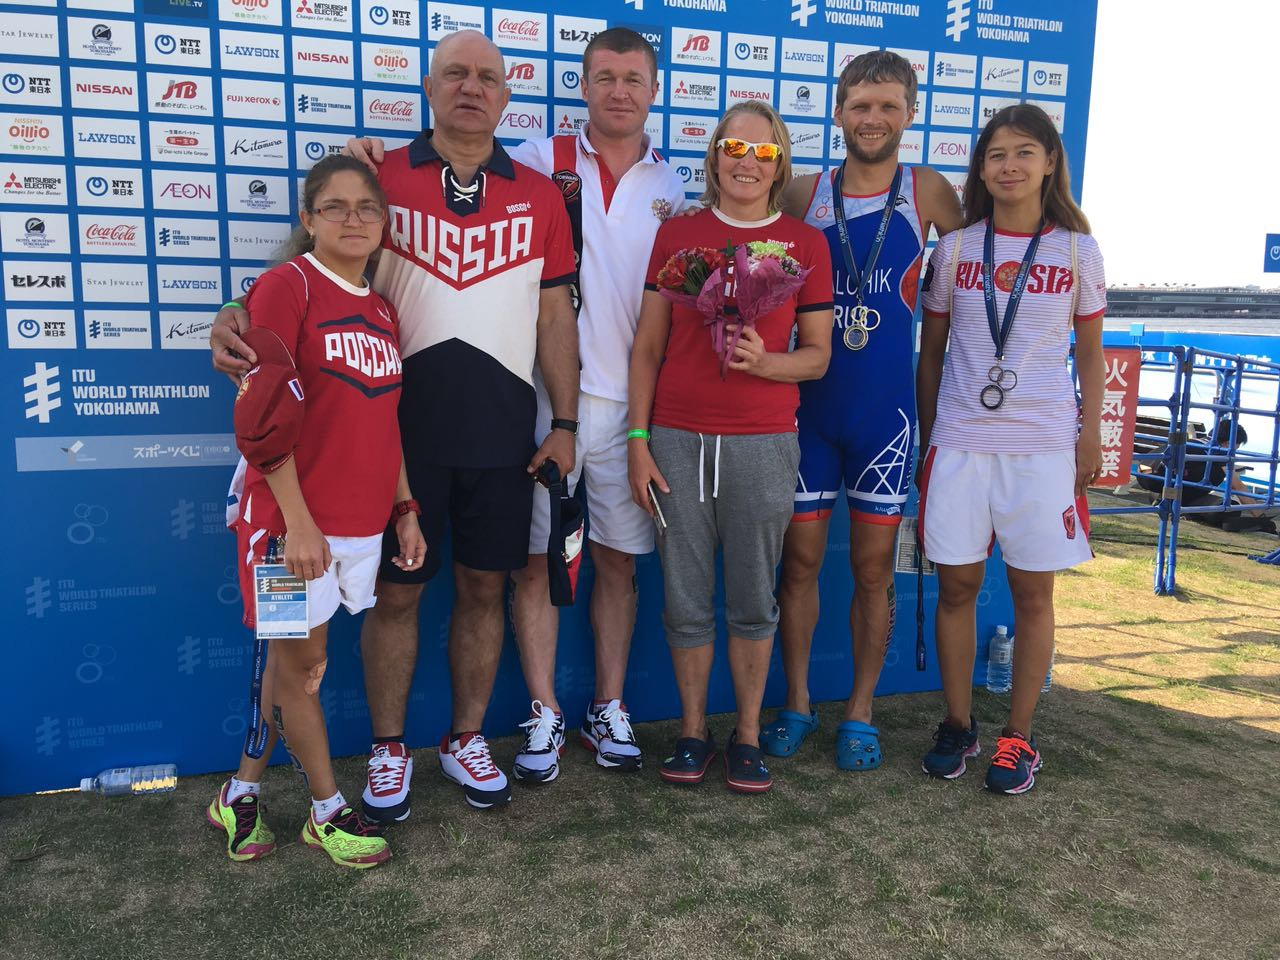 Анна Плотникова и Александр Ялчик завоевали серебряные медали на I этапе мировой серии по паратриатлону в Японии